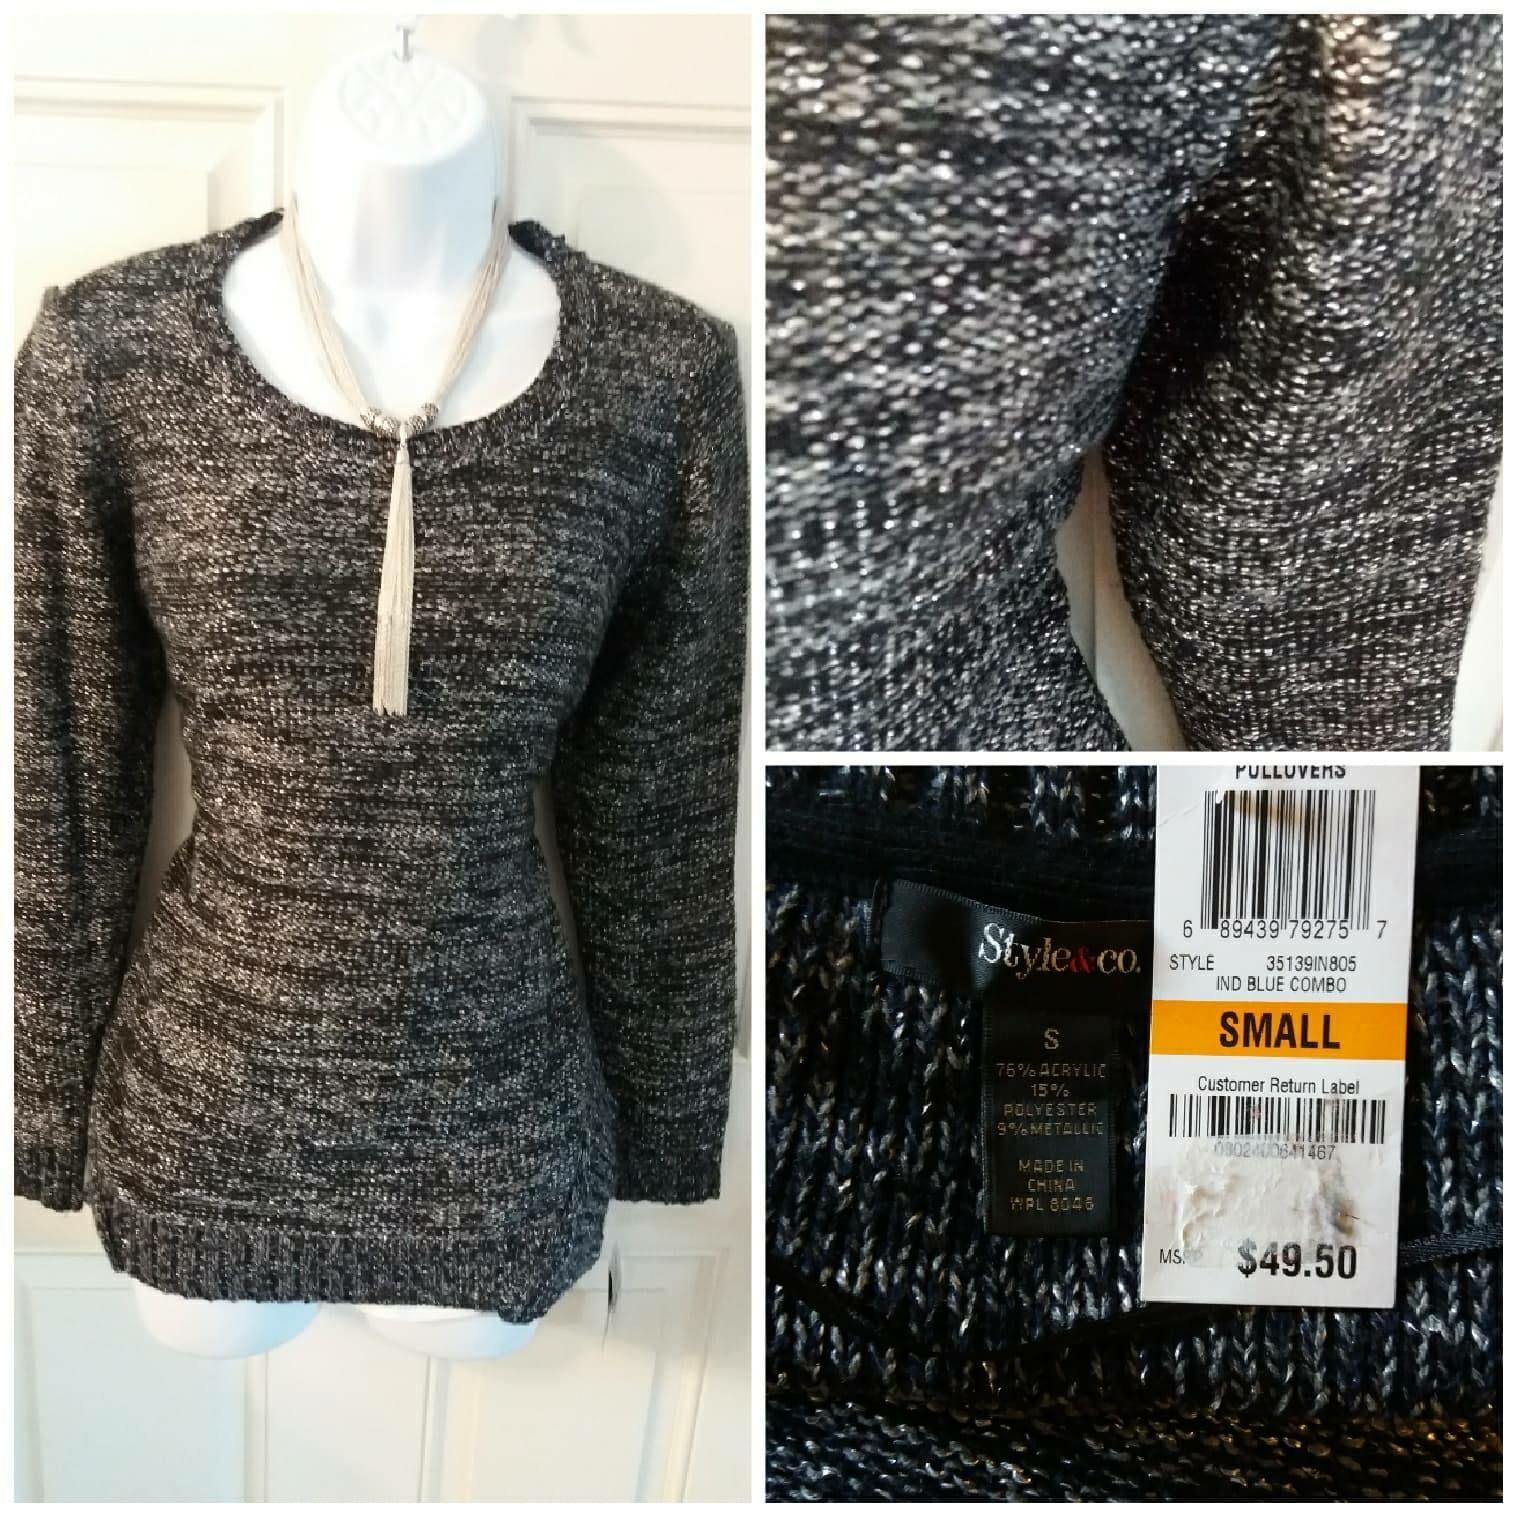 ☆cute sweater ☆ - Mercari: BUY & SELL THINGS YOU LOVE